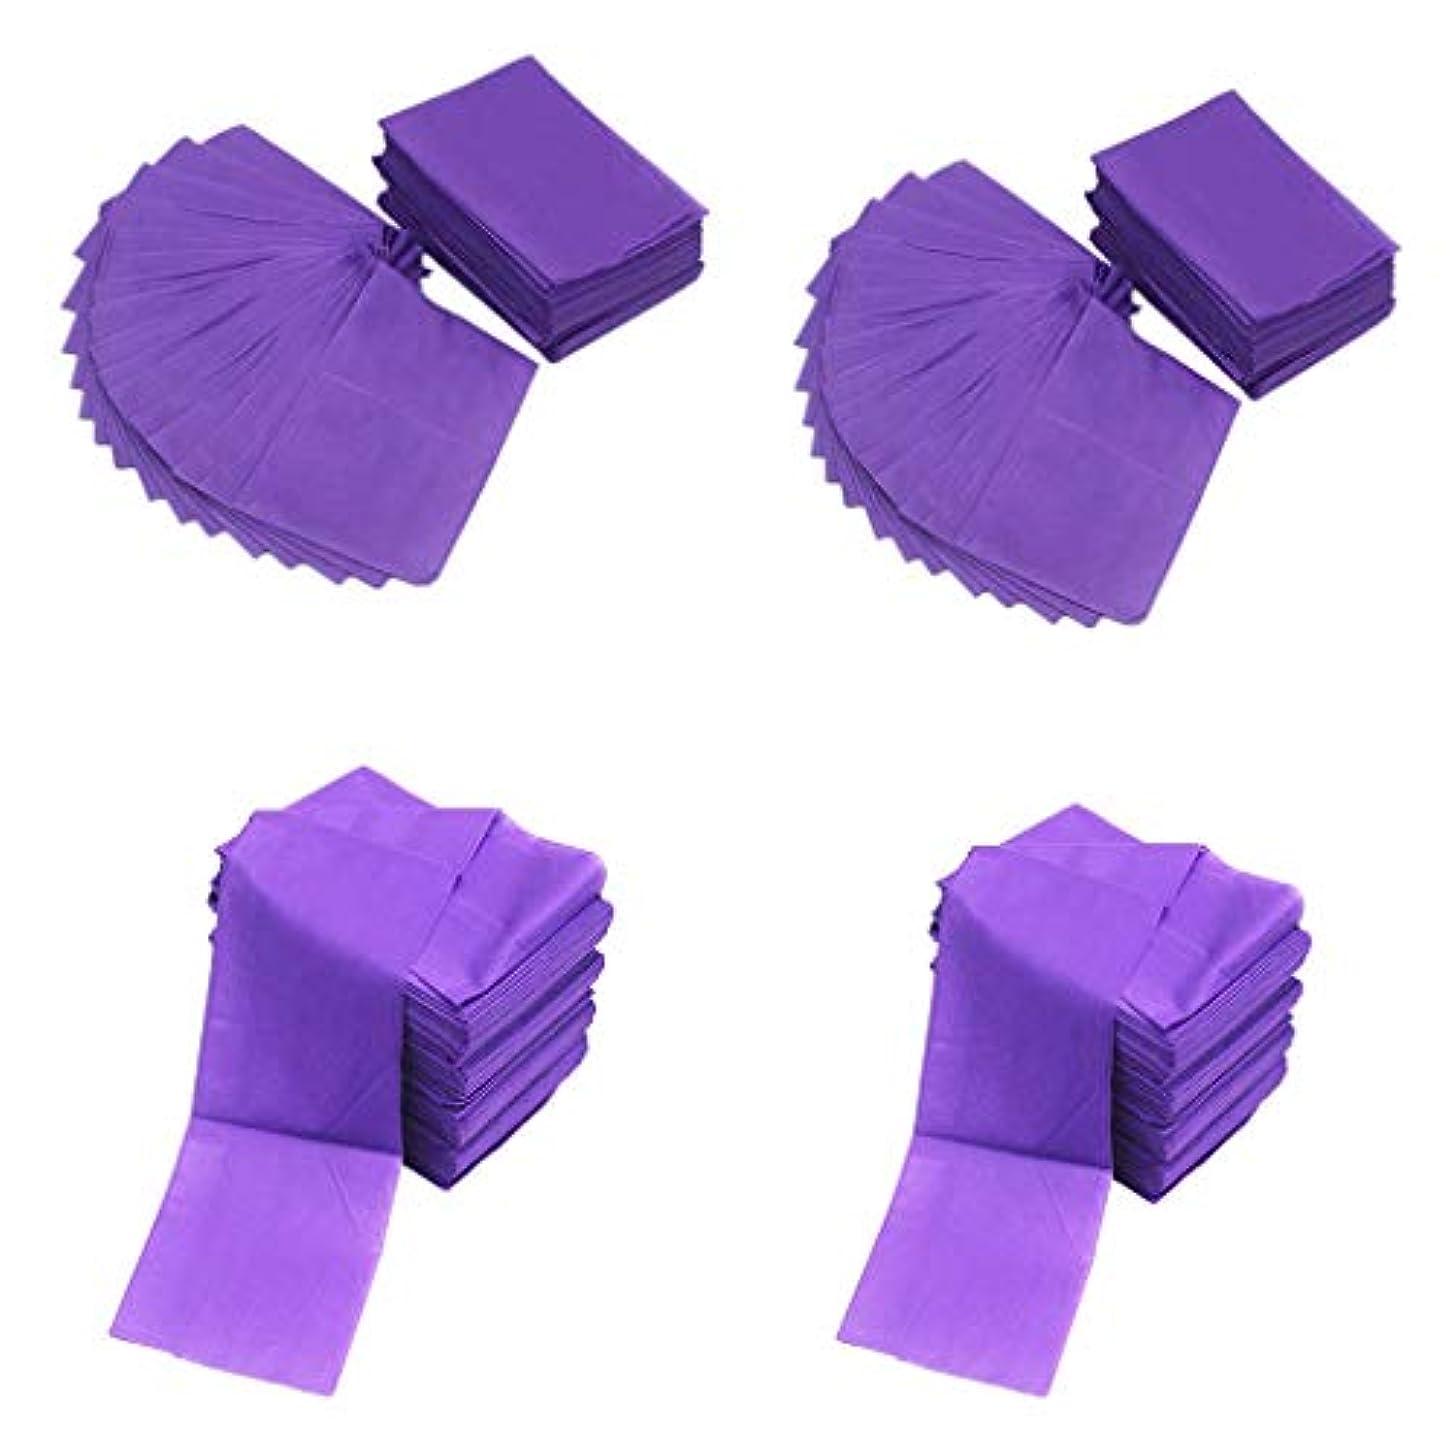 つぼみ土平等40シートサロンタトゥースパマッサージテーブル用使い捨てベッドパッドカバーシート